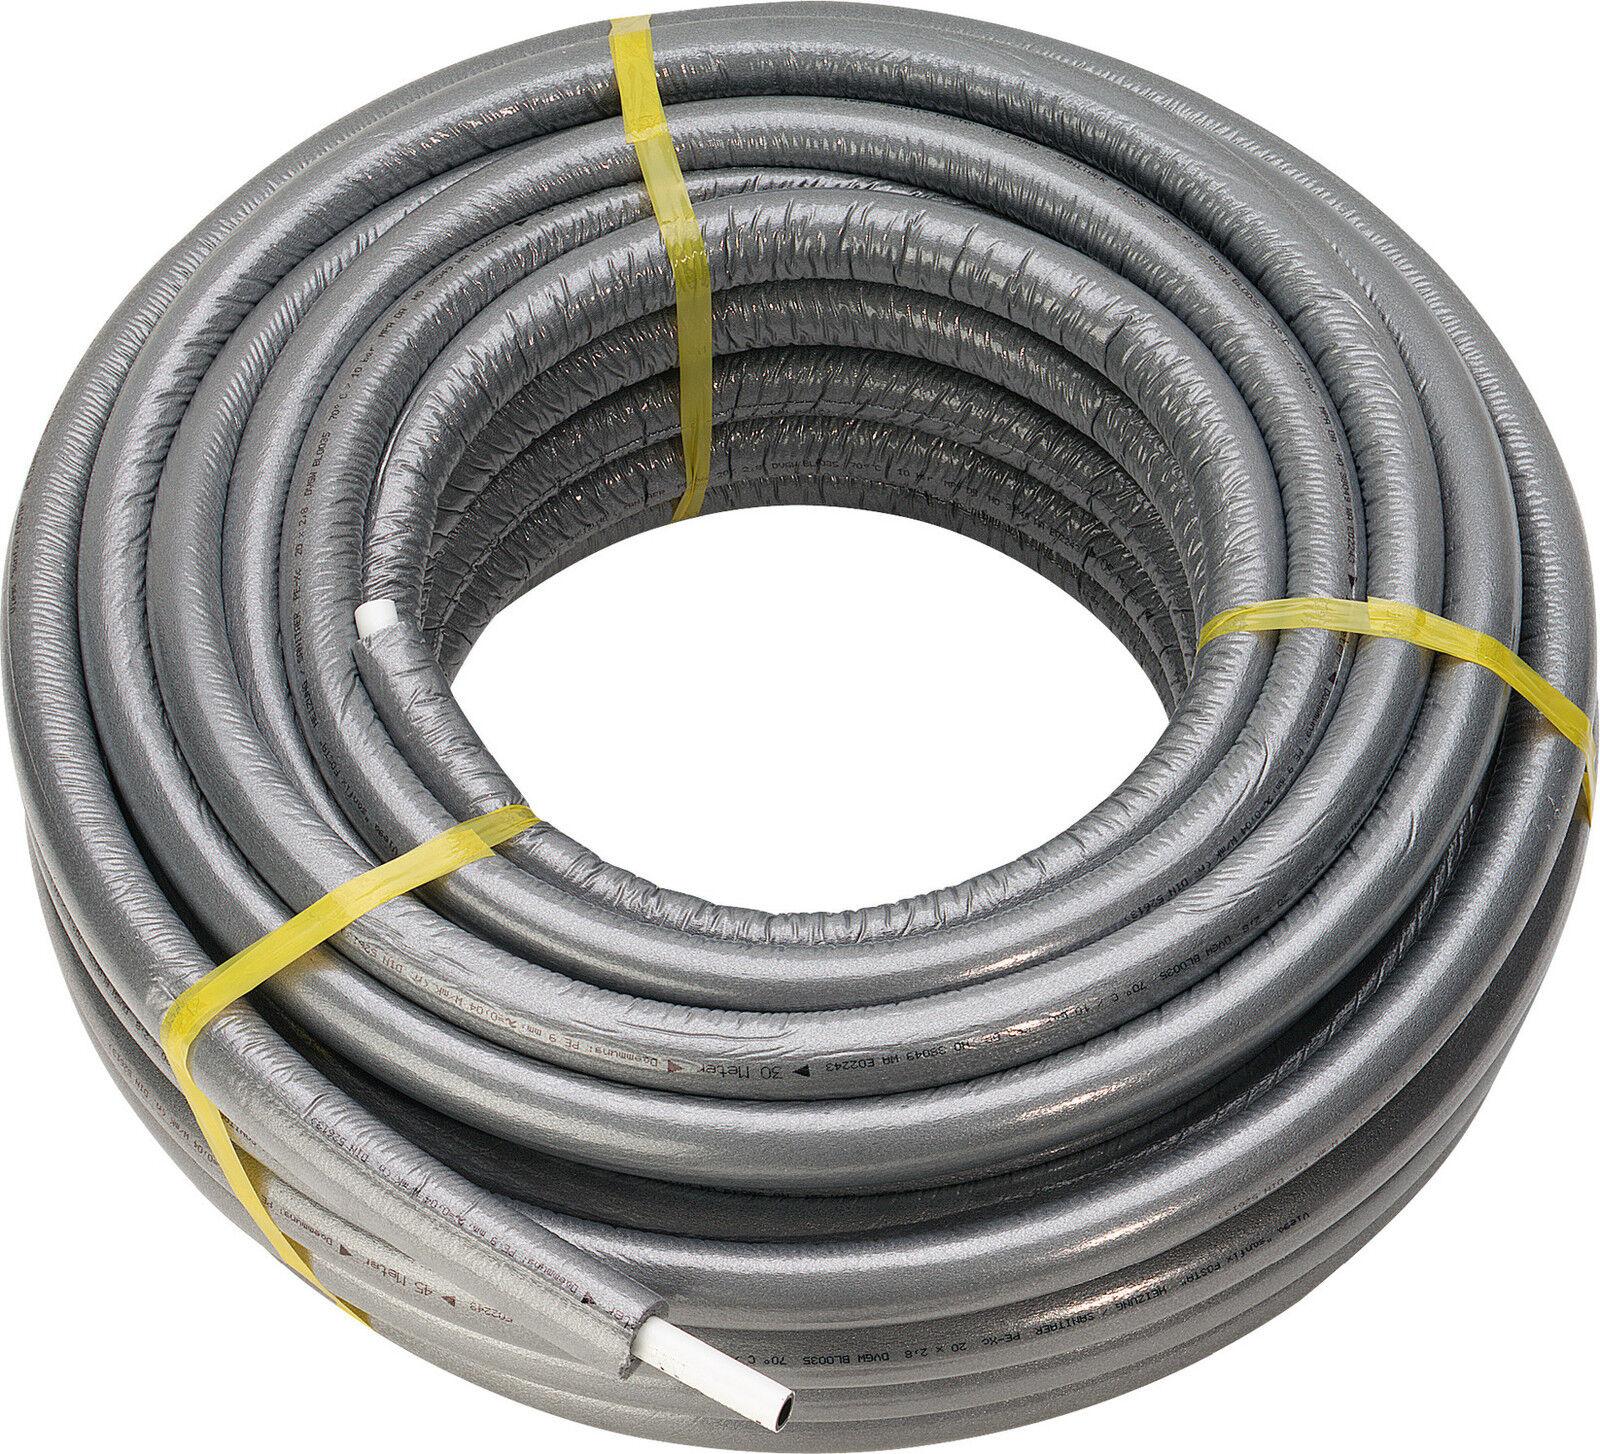 JRG SANIPEX-MT-Rohr isoliert  16   20  und 26mm(in 50 mtr. Rolle) 6mm gedämmt